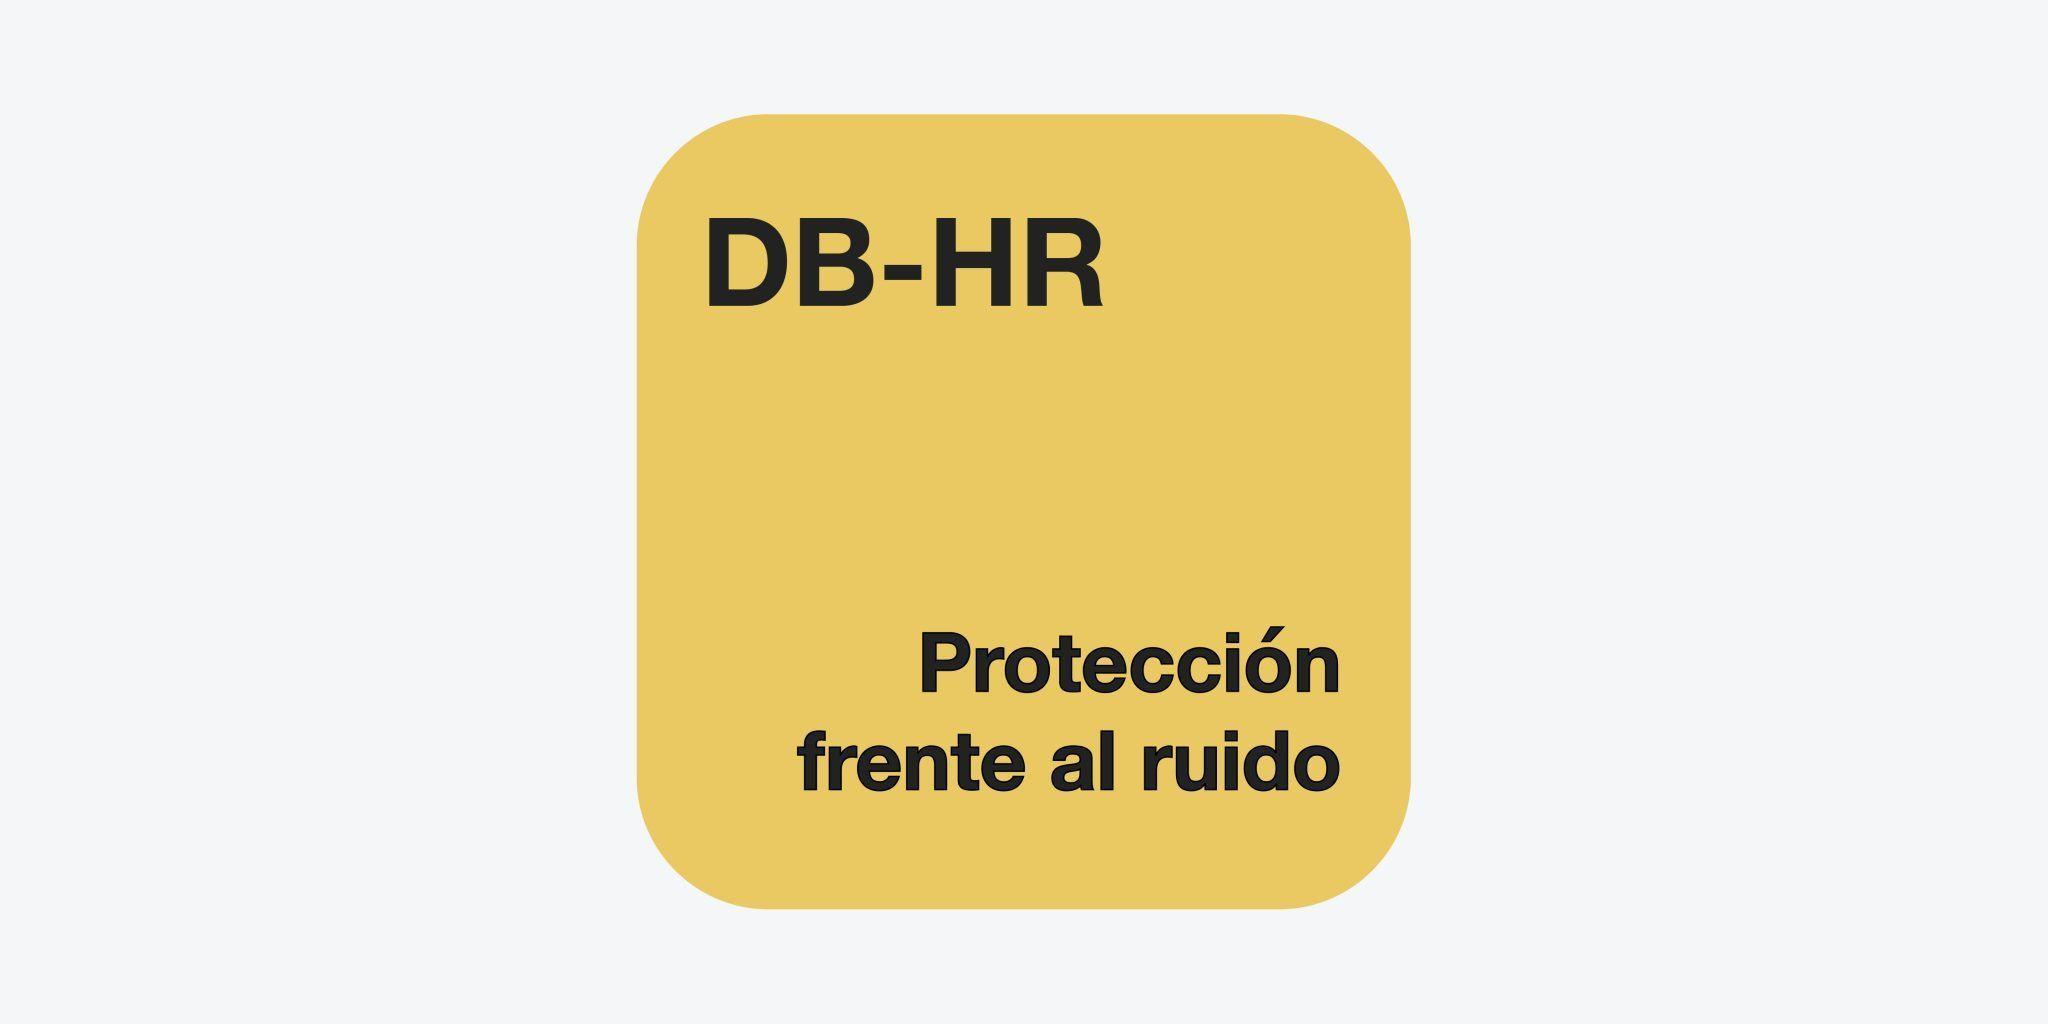 DB-HR Protección frente al ruido